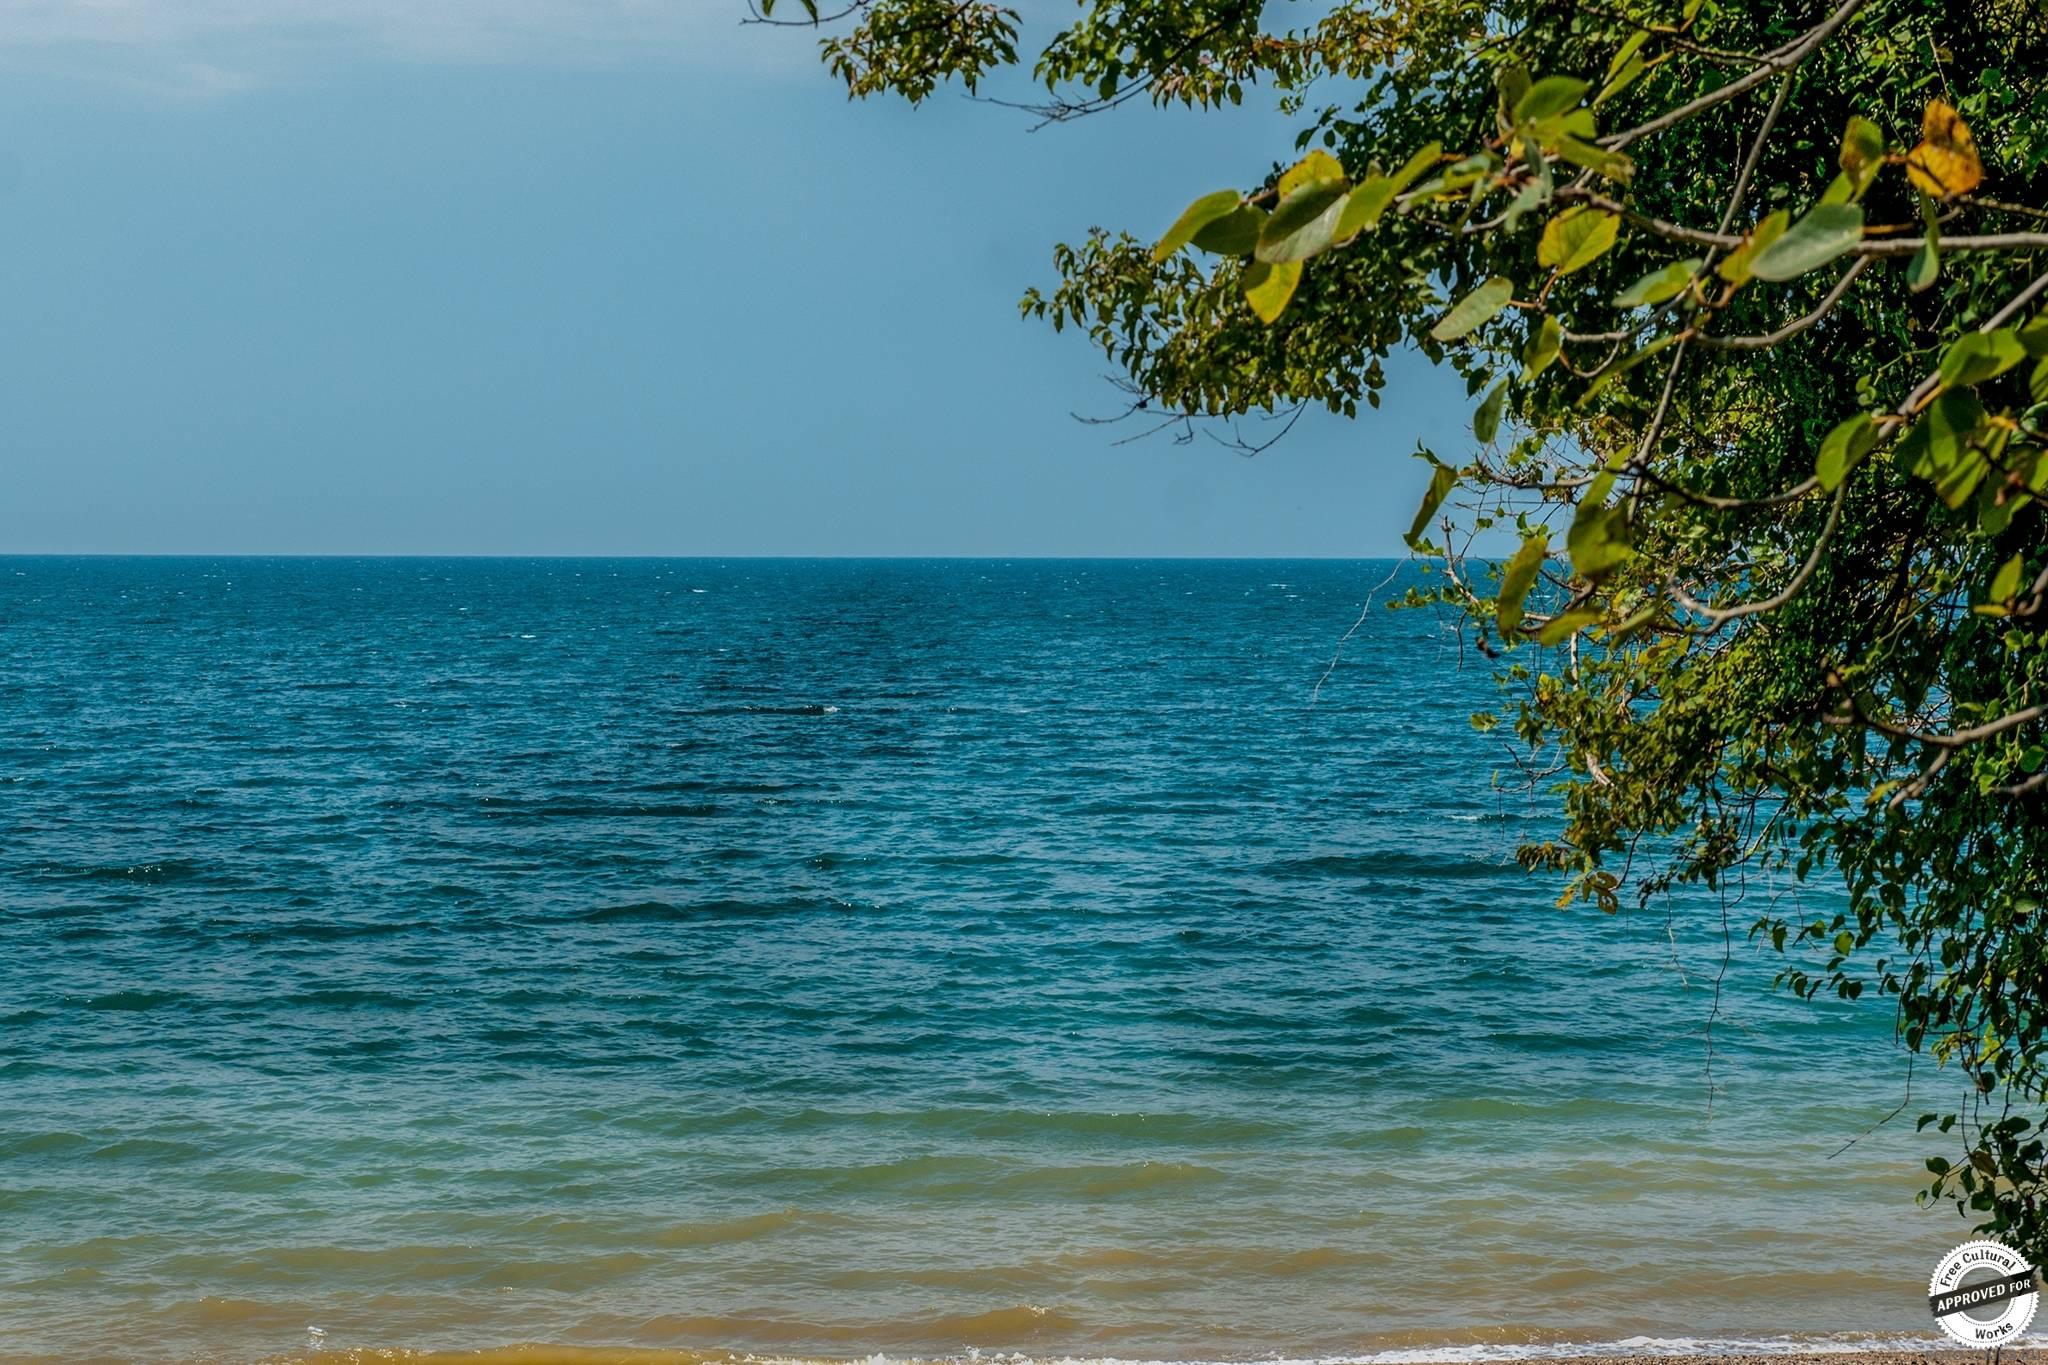 Черное море у берегов Абхазии, Абхазия, Азия.